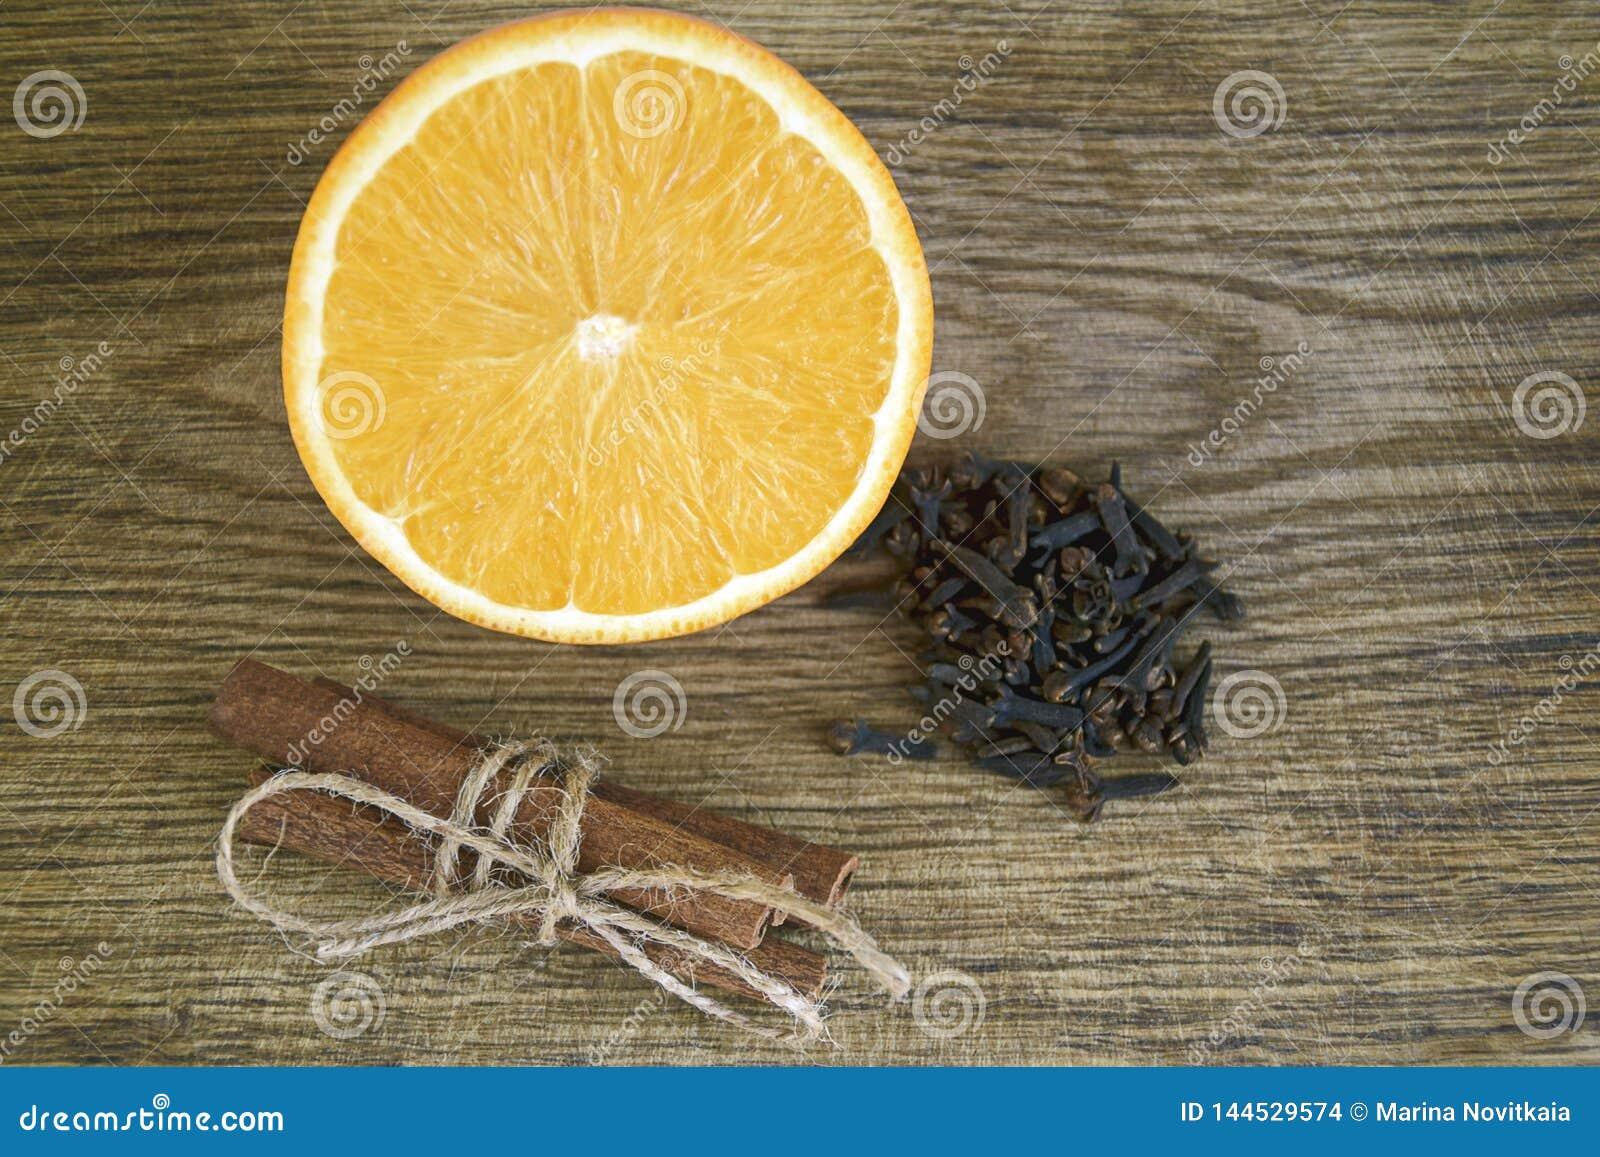 Orange, Cinnamon sticks, cloves on wooden background